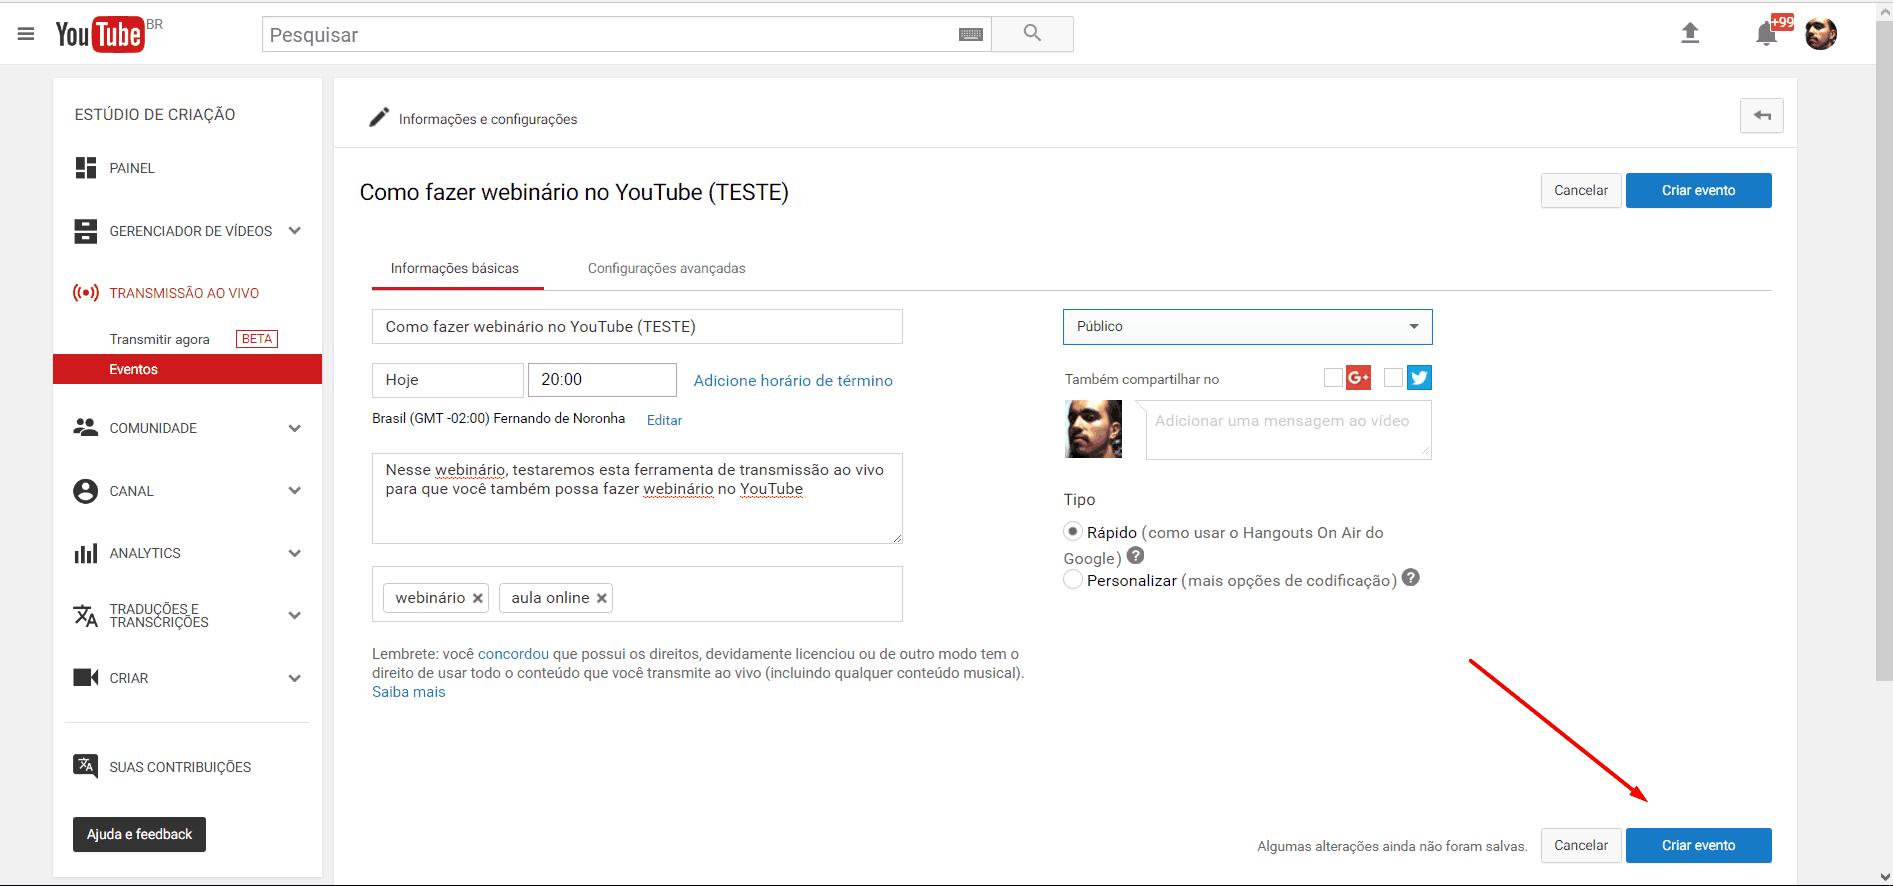 webinario-no-youtube-marcar